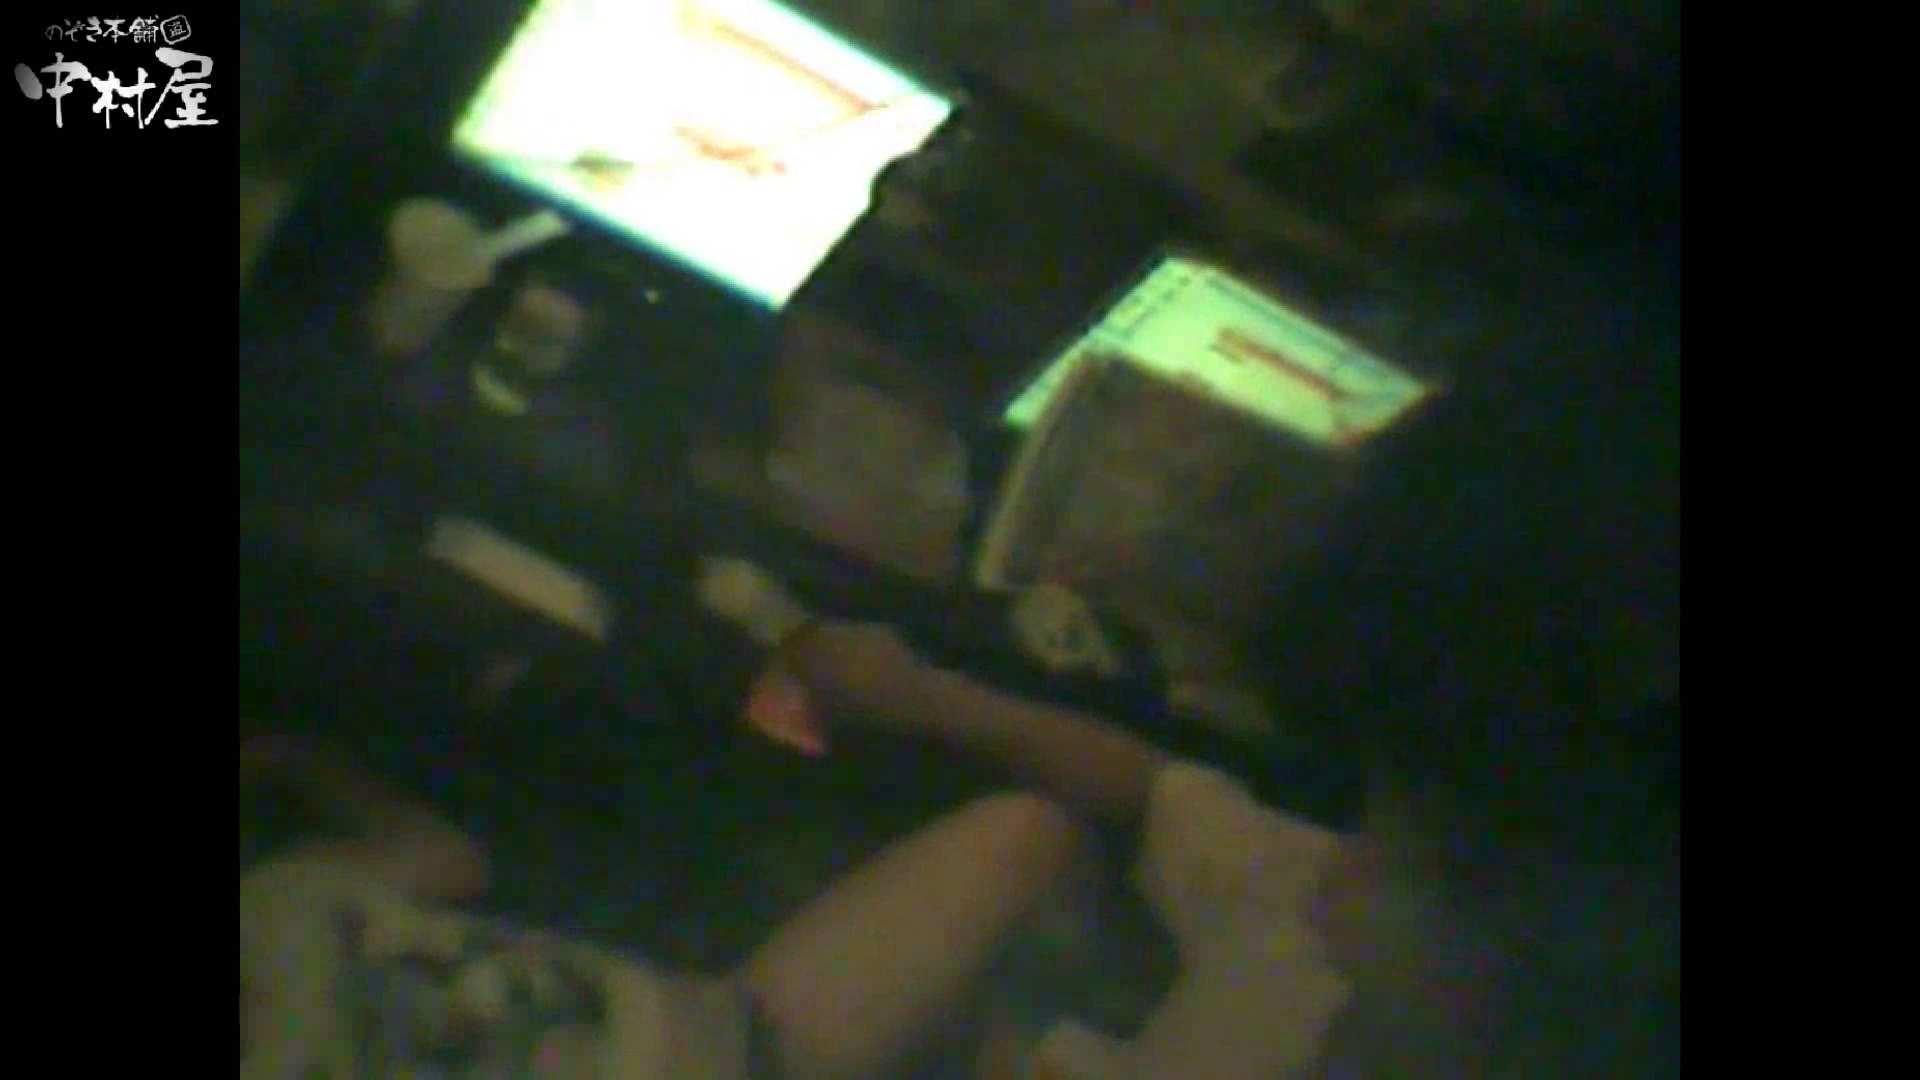 インターネットカフェの中で起こっている出来事 vol.016 卑猥すぎ | カップル映像 のぞき 89PIX 13